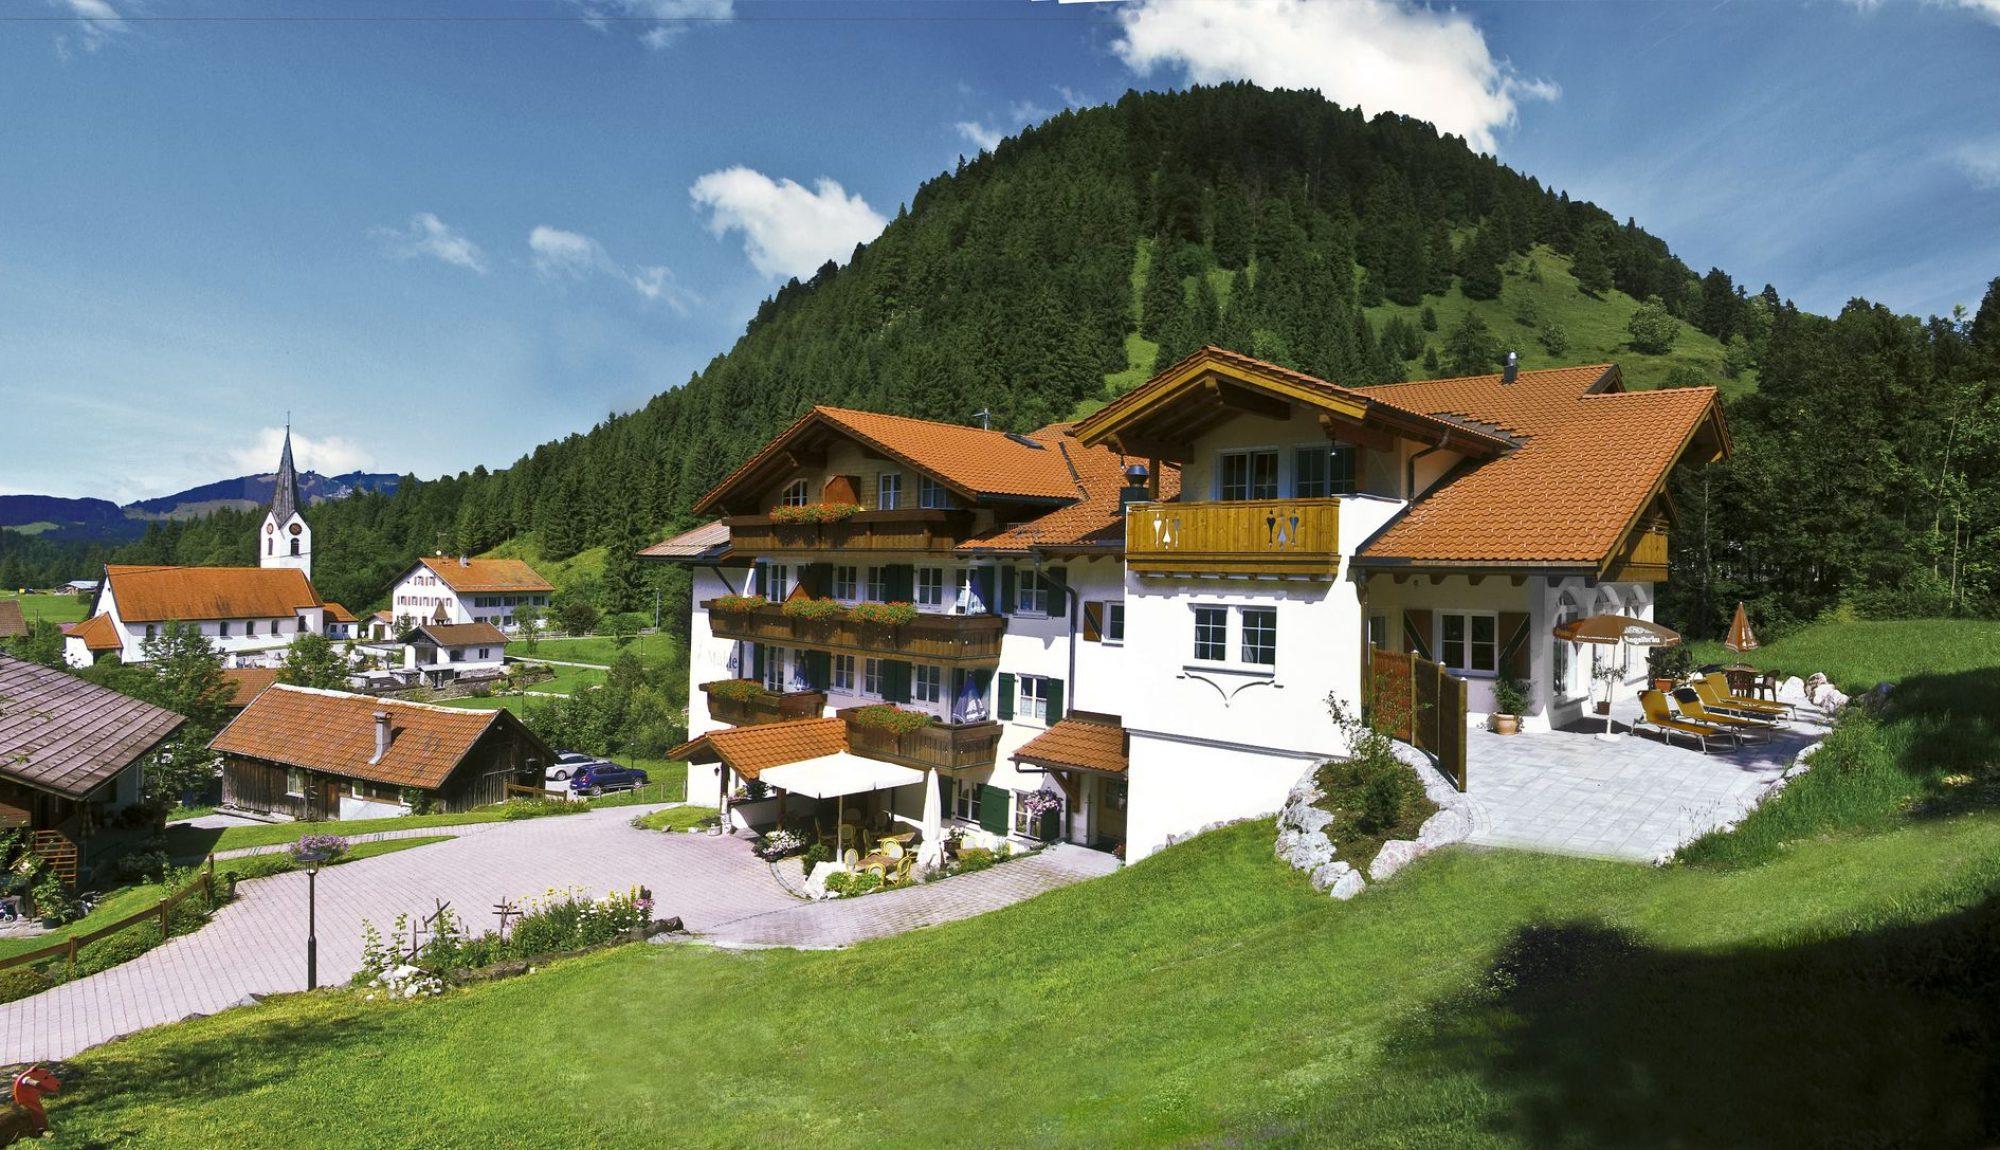 berghotel-muehle-haus-west-2